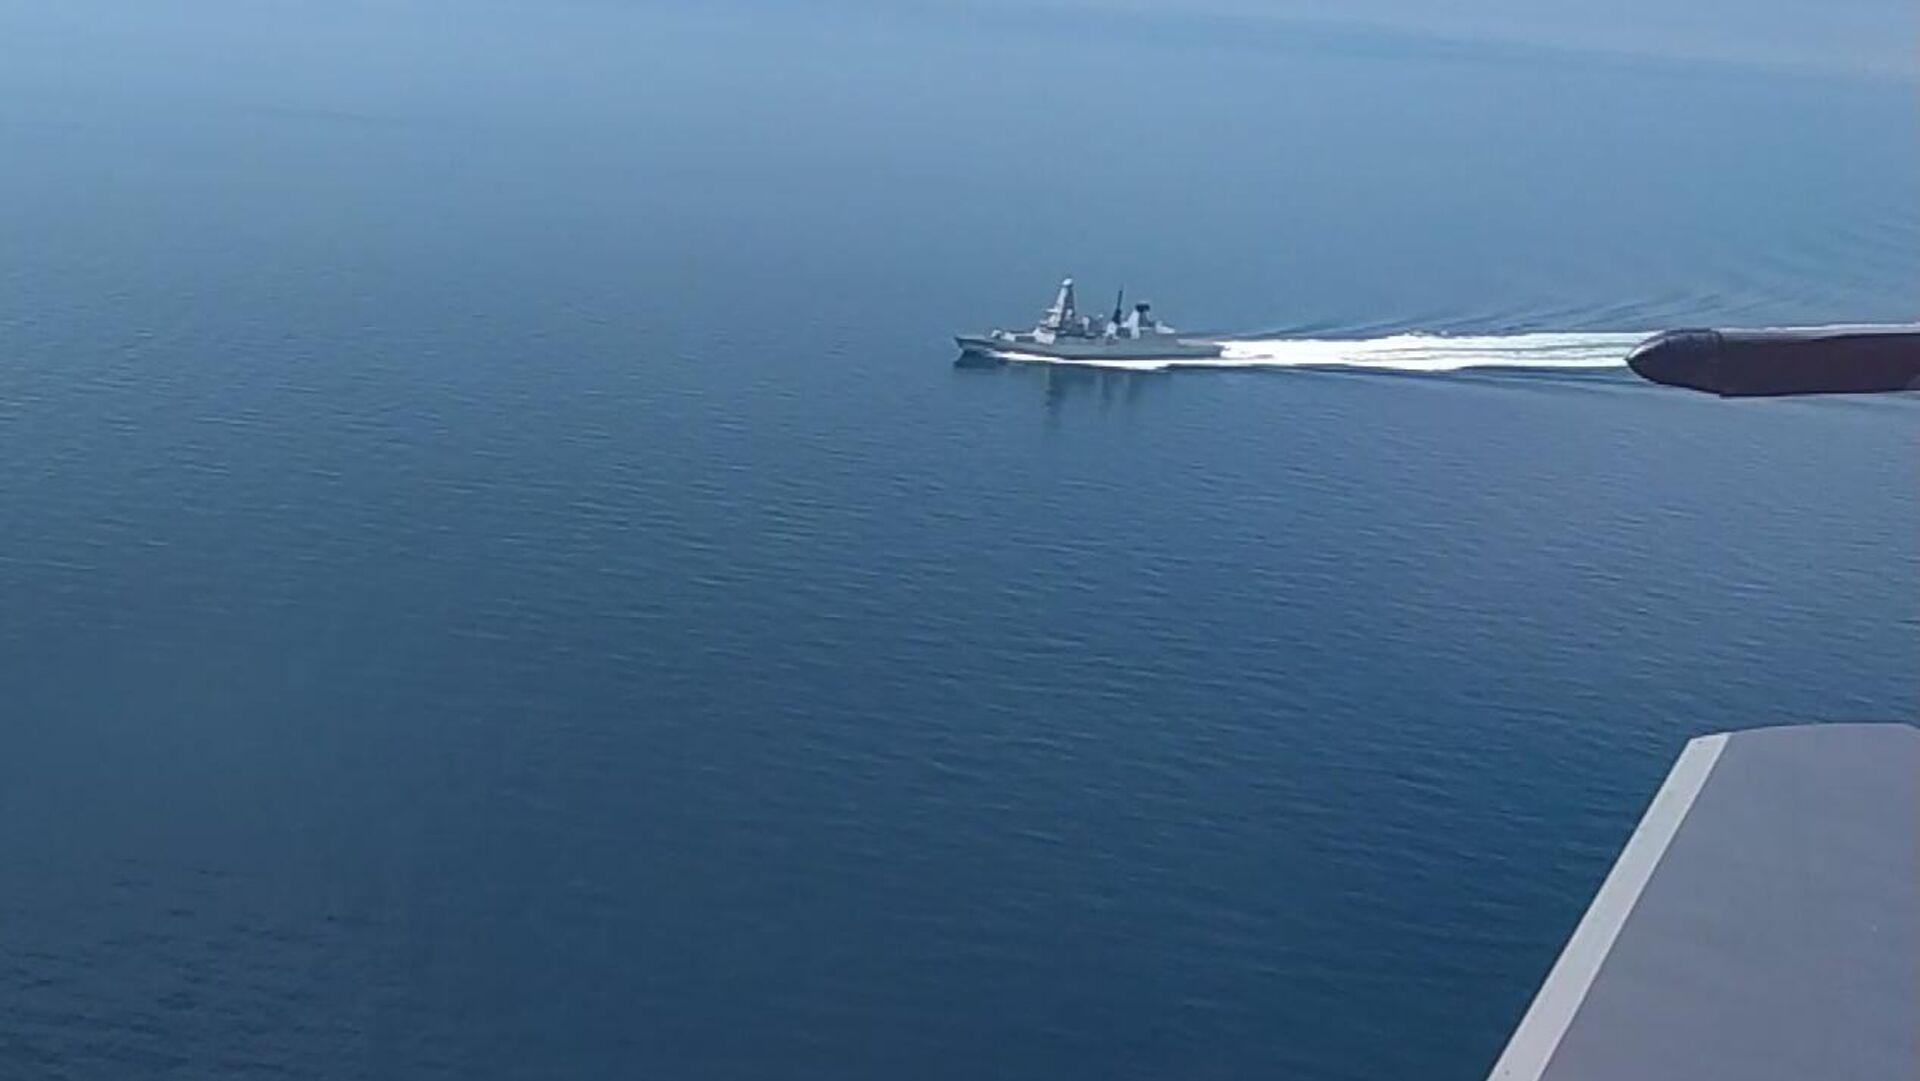 Эсминец Defender ВМС Великобритании в районе мыса Фиолент. Стоп-кадр видео - РИА Новости, 1920, 24.06.2021